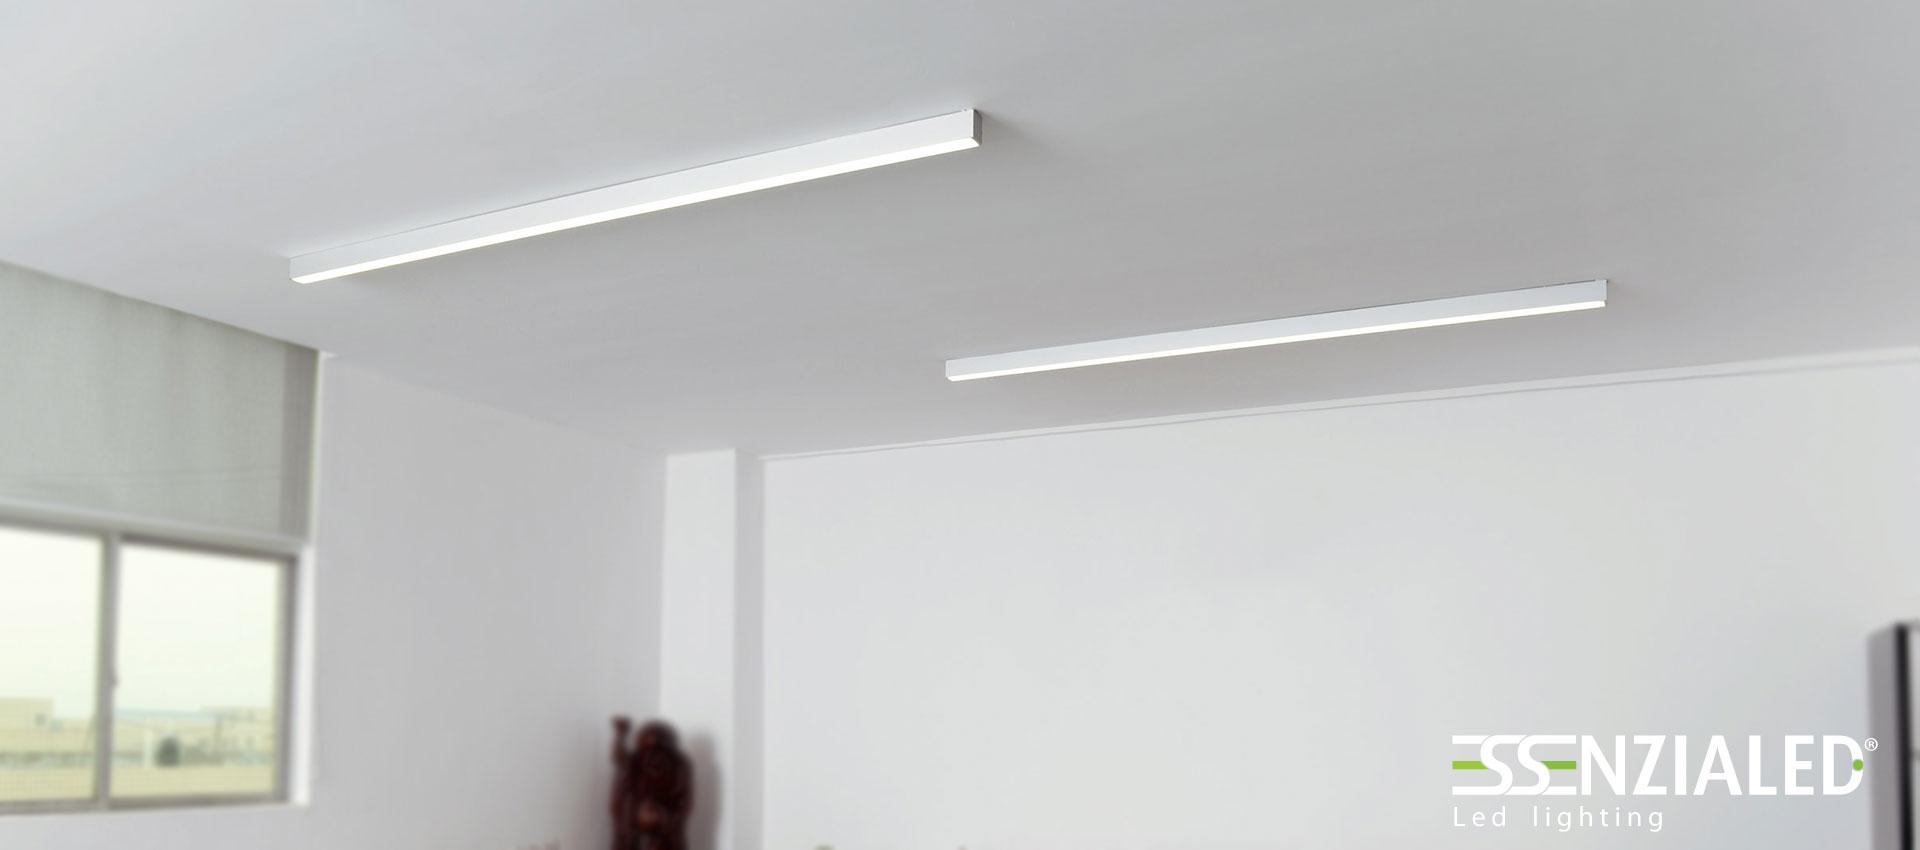 Lampade Sospensione Per Ufficio.Plafoniere Led Per Ufficio Sfondo